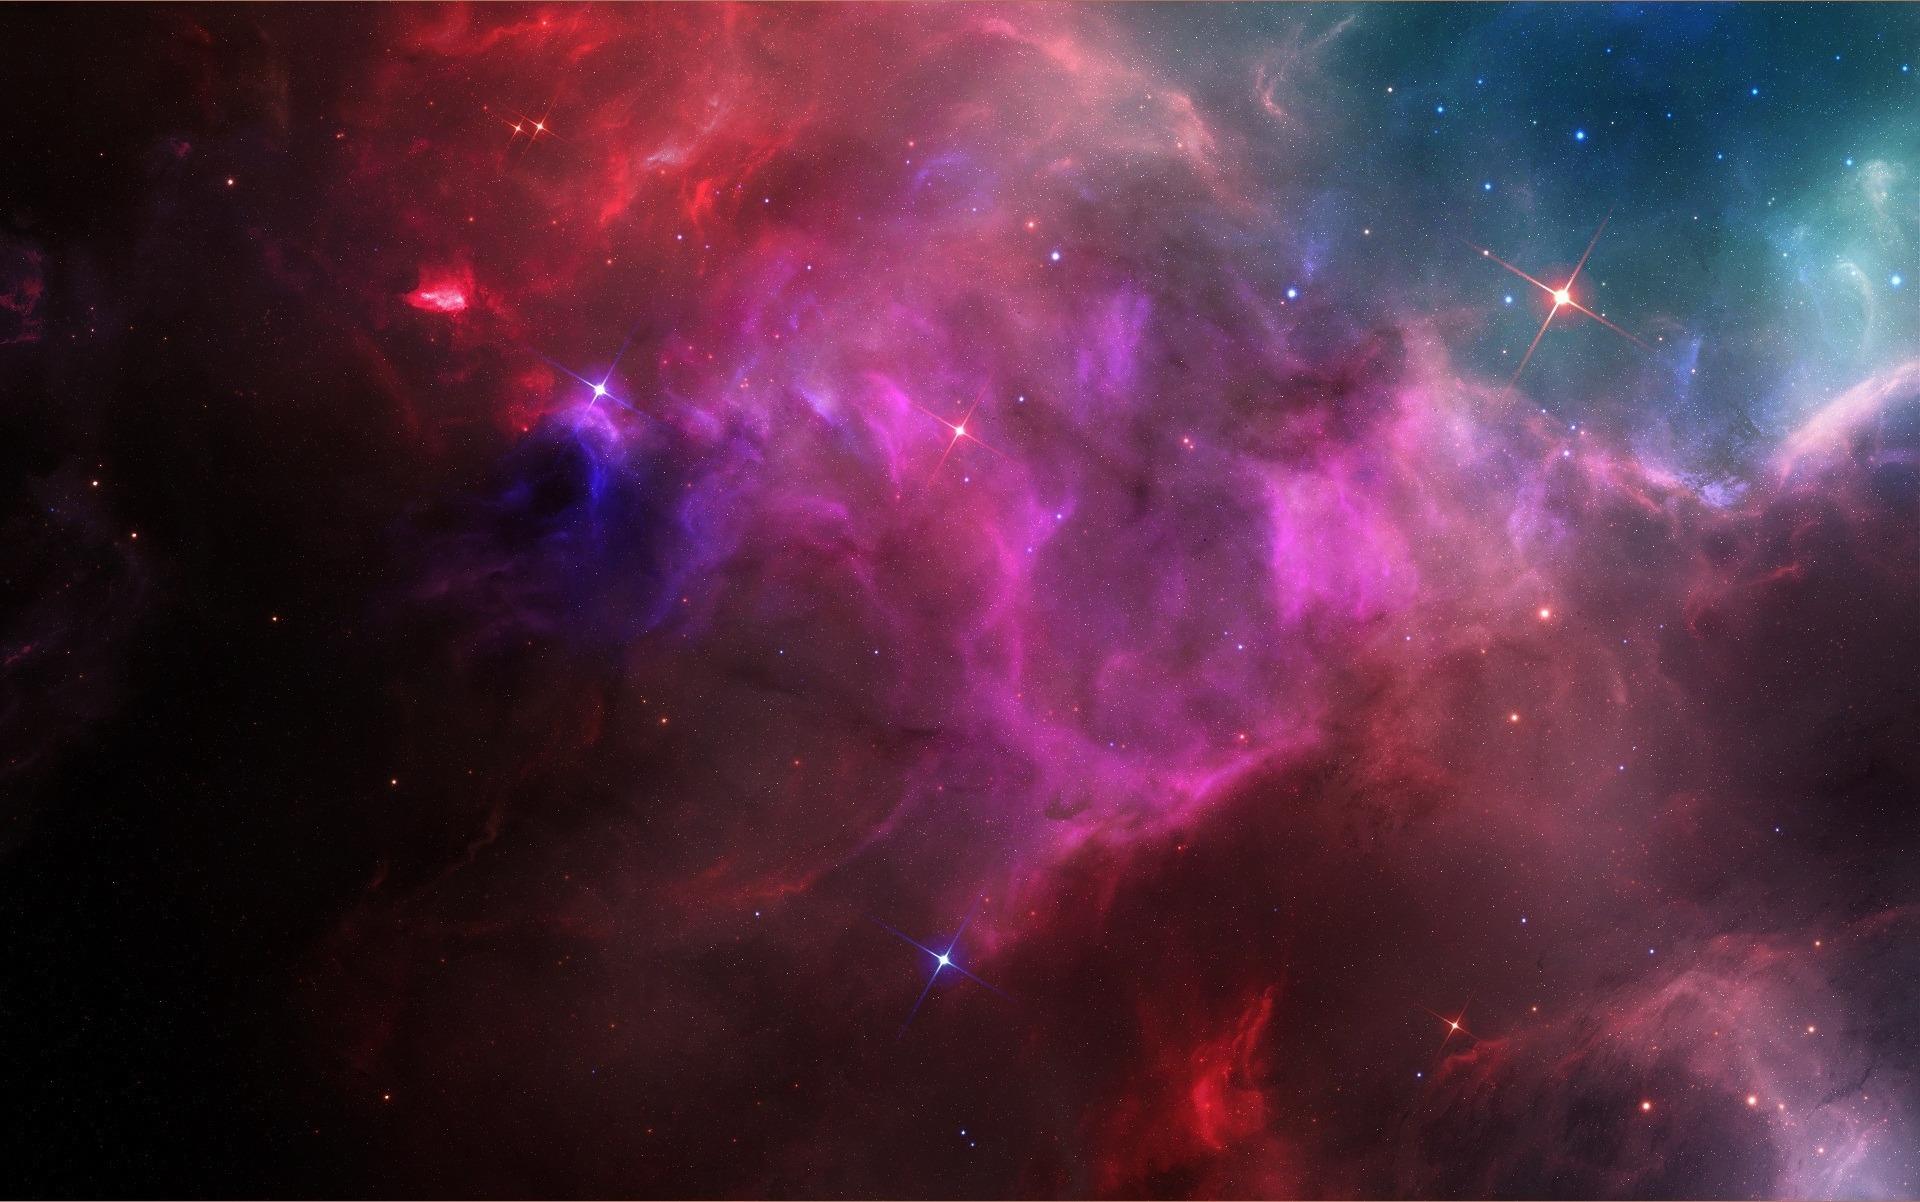 пришло картинки для фона сайта космос интернете можно